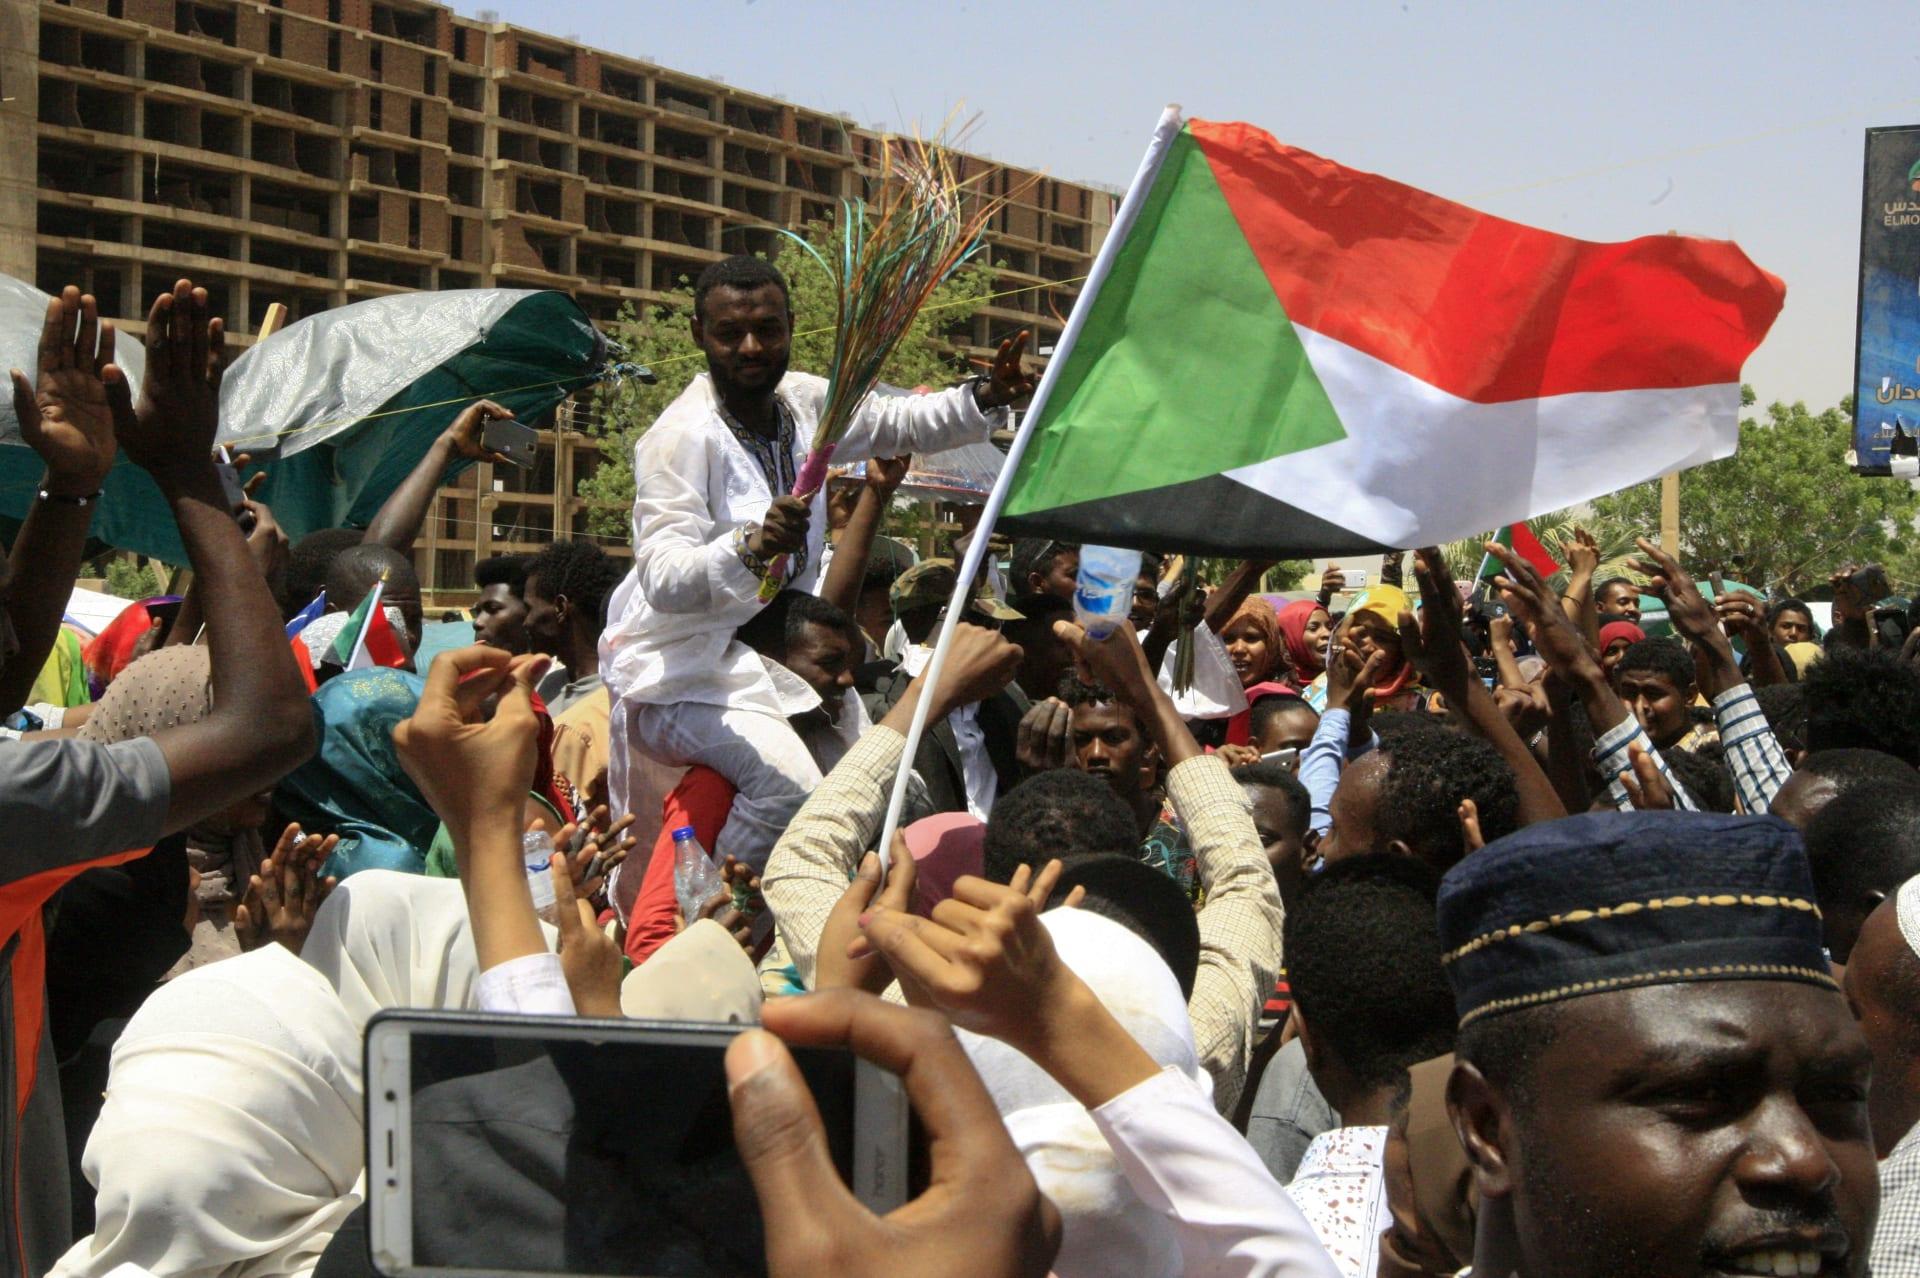 بعد السعودية.. الإمارات تعلن موقفها من تعيين البرهان رئيسا للمجلس العسكري في السودان